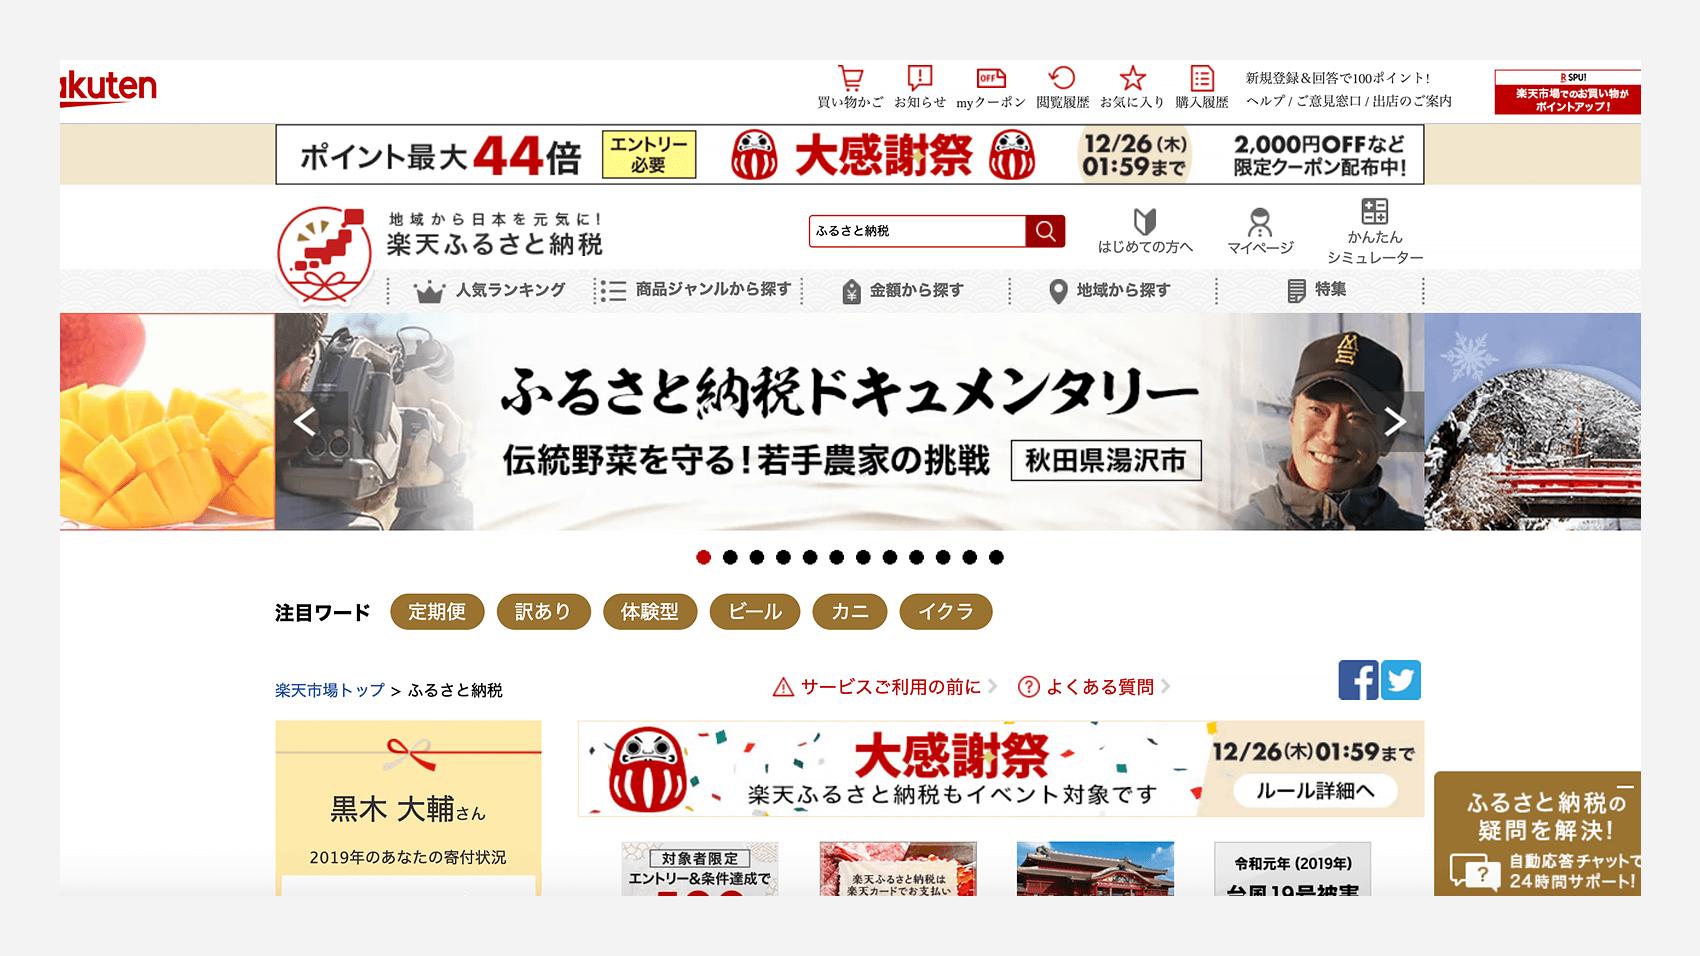 楽天ふるさと納税webサイト画面